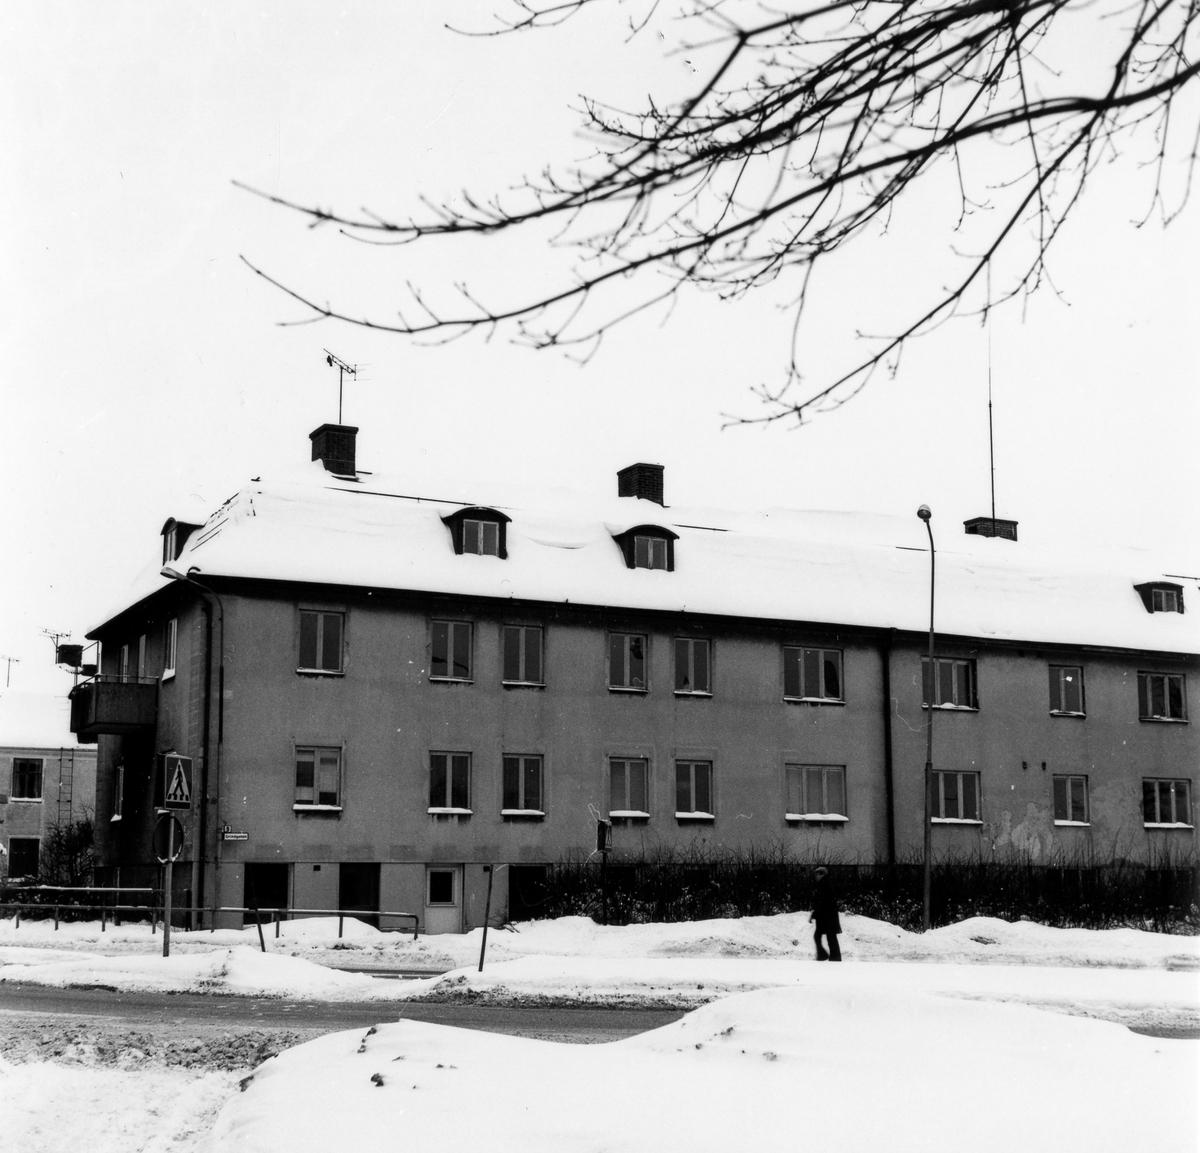 Vinterbild korsningen Kungsgatan och Vänersborgsvägen med ett 2 vånings bostadshus i centrum på bild.  Bostadshus i två våningar med butikslokaler i källarplan utmed Kungsgatan. Entrépartier mot gårdssidan. Putsade väggar, tvåkupigt taktegel. Lägenheter försedda med kakelugn i ett rum. Parkettgolv. Beslut om rivning i november 1978. Fastighetägare: Alingsås kommun.